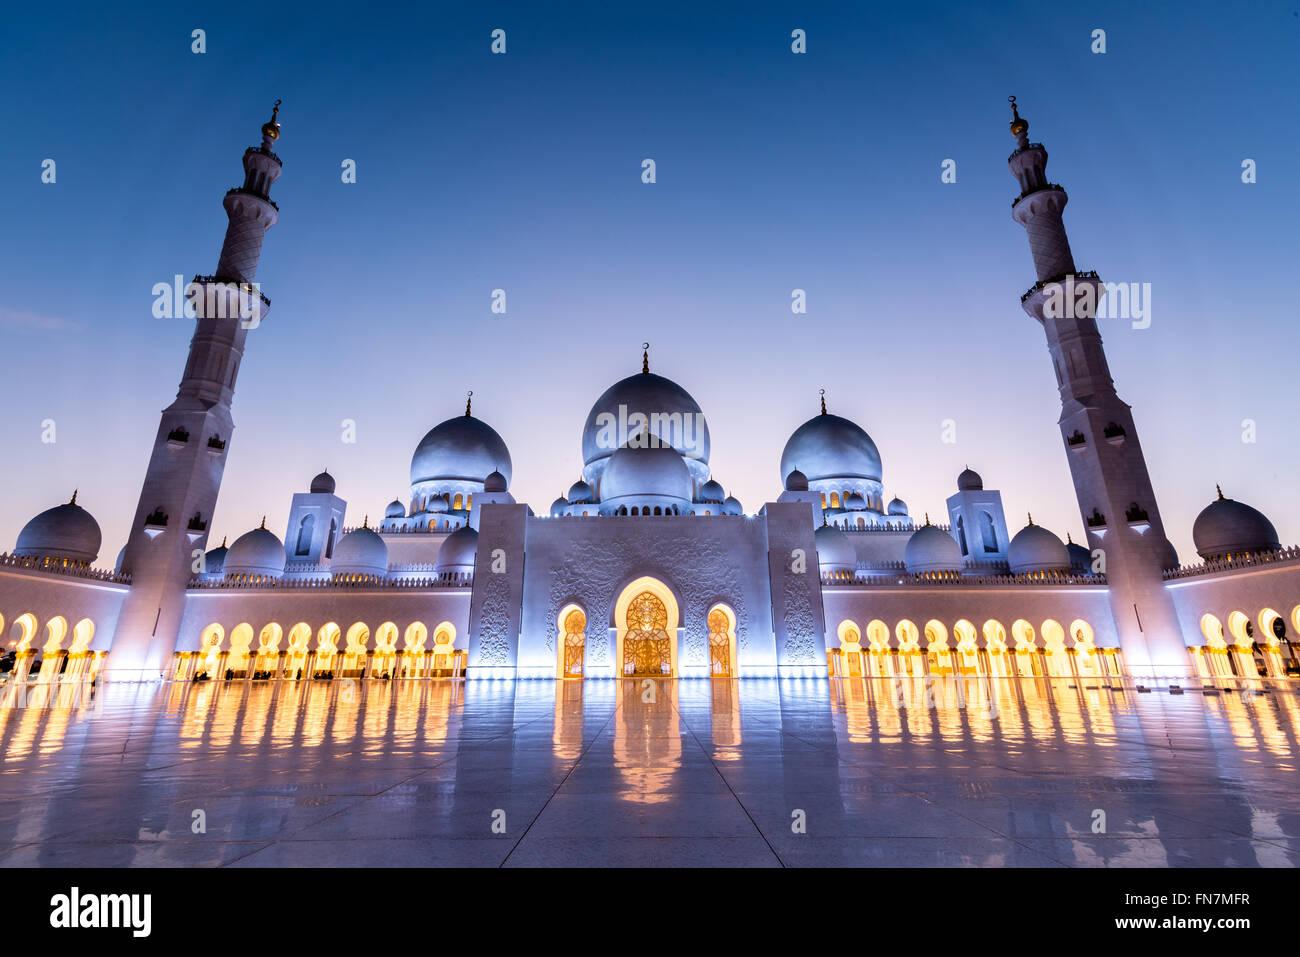 Patio de la Gran Mezquita de Sheikh Zayed en Abu Dhabi al atardecer capturado Imagen De Stock